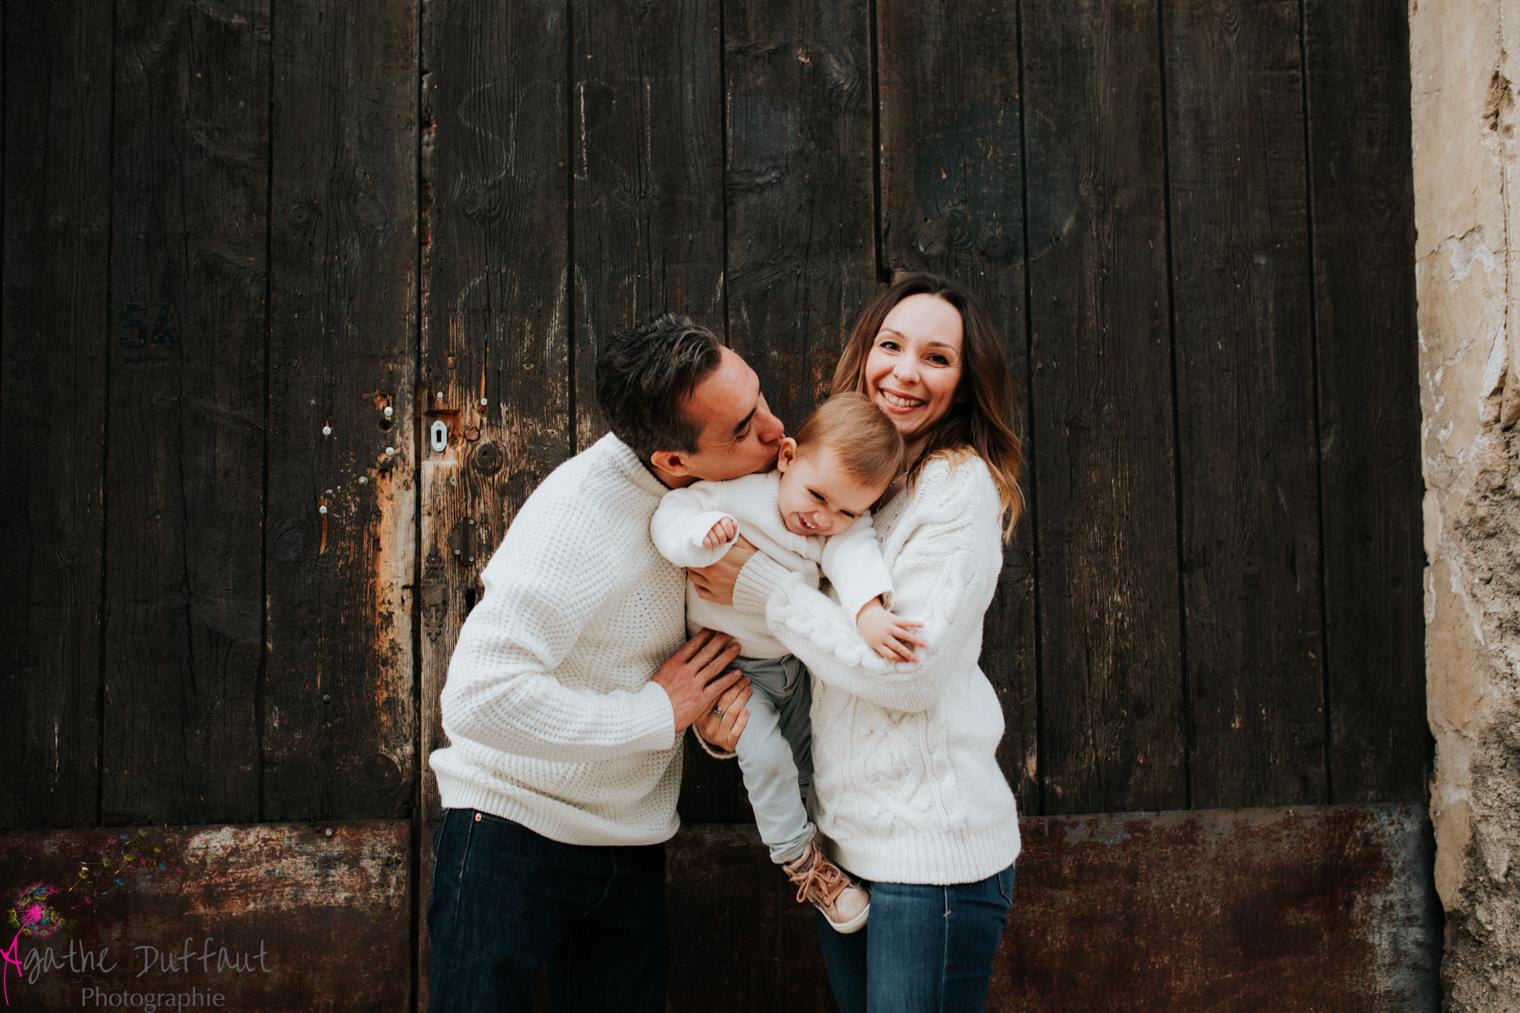 Une histoire de famille: Emmanuelle et sa famille